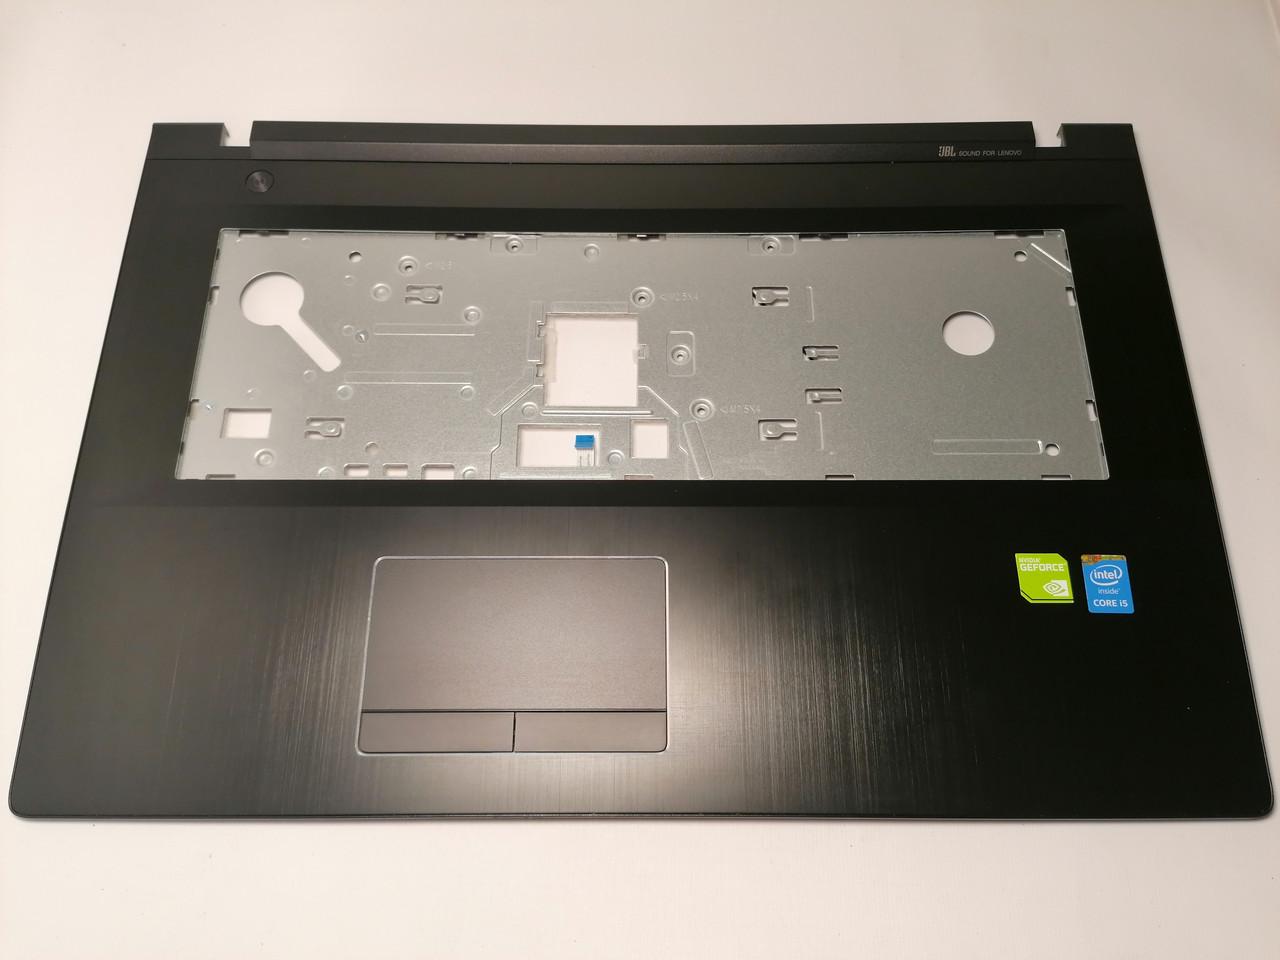 Б/У корпус крышка клавиатуры,  (топкейс) для Lenovo G70 G70-70 G70-80 B70 B70-70 Z70 Z70-80 (AP0U0000300)